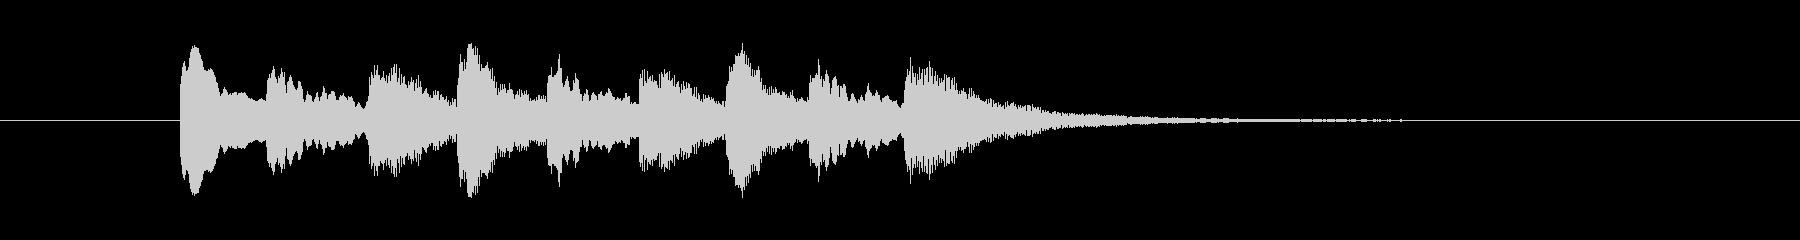 テレレテレレテレレ(警音・注目・エラー)の未再生の波形